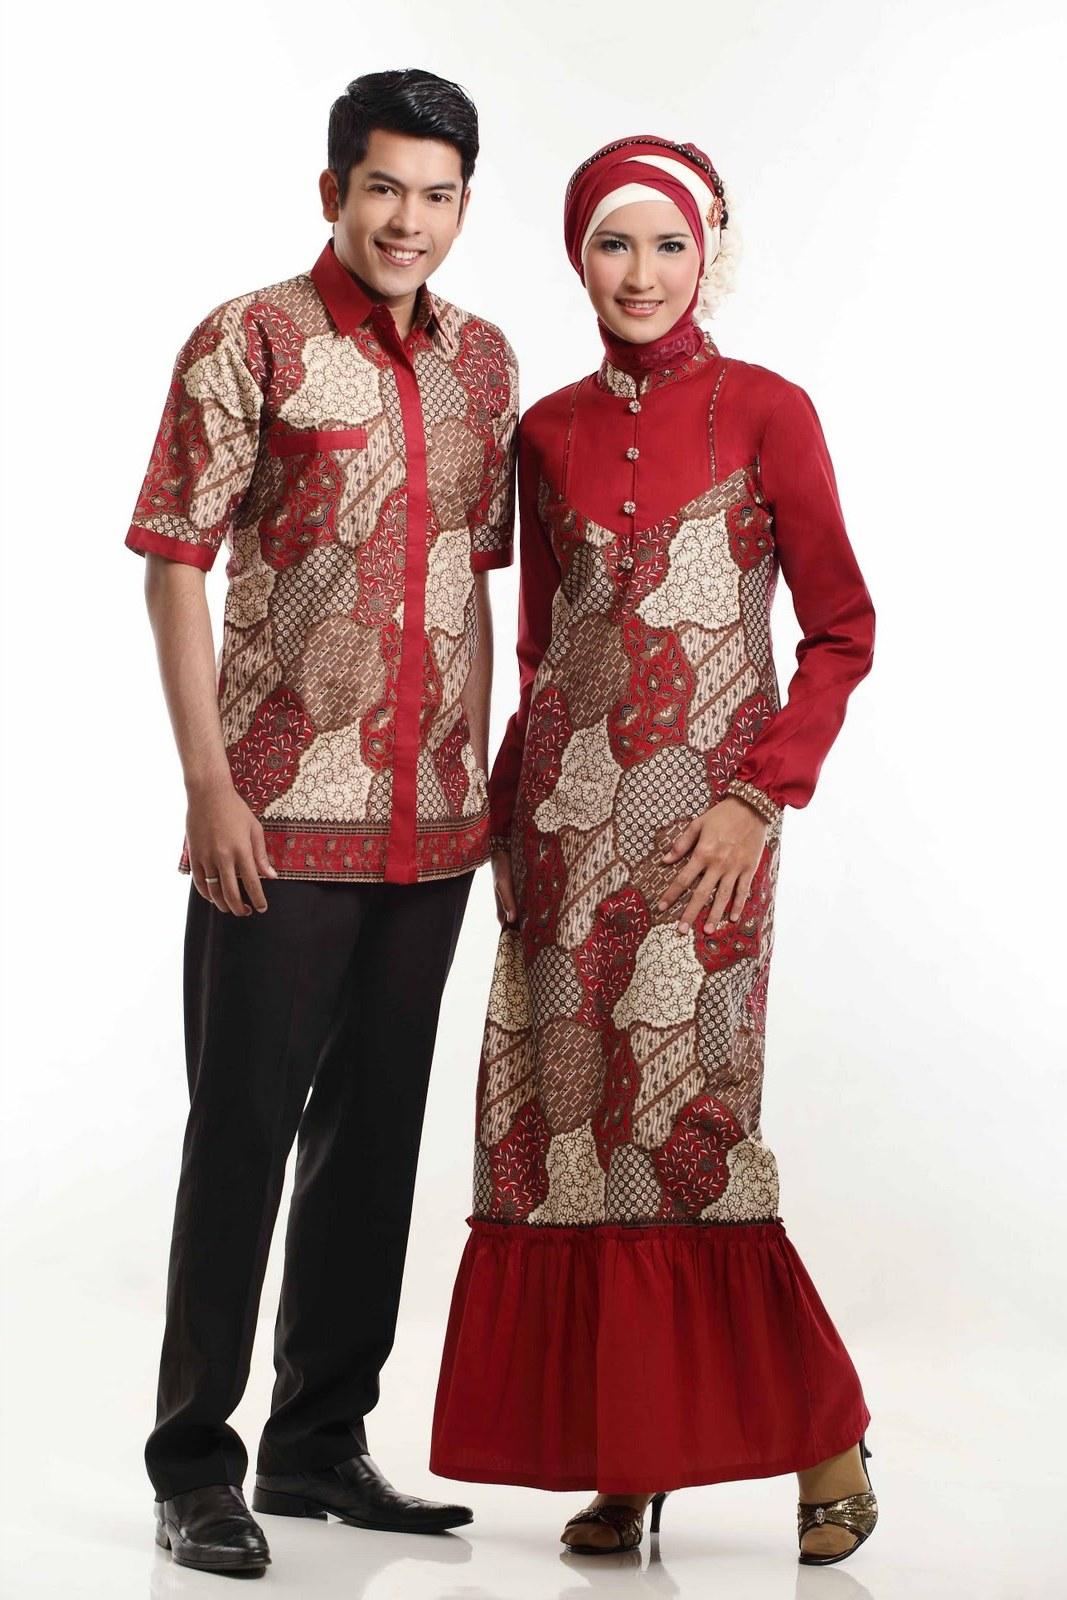 Bentuk Baju Lebaran Terbaru 0gdr Bintang anda Trend Model Baju Batik Lebaran Terbaru 2013